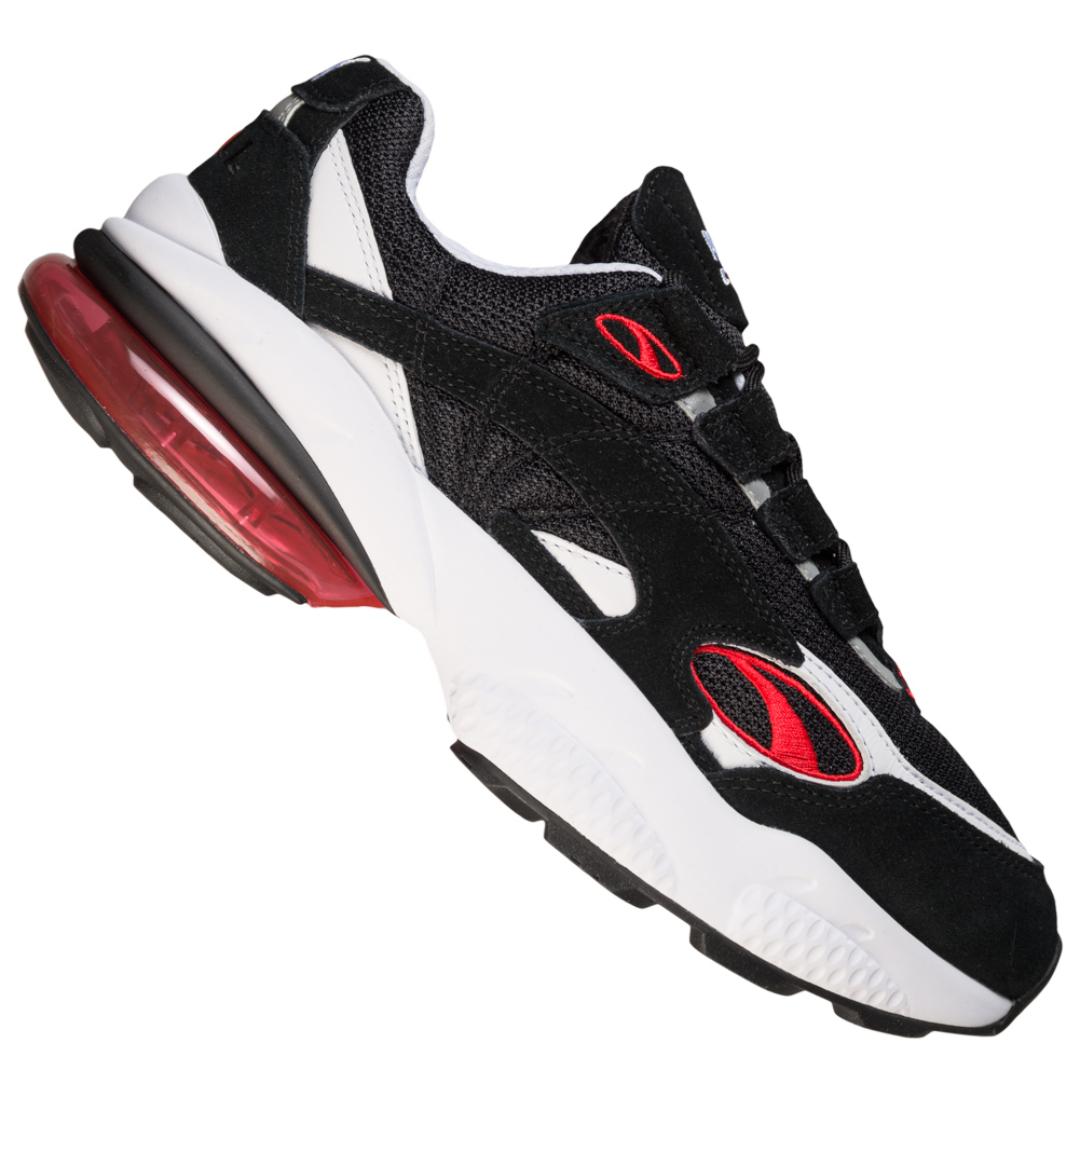 PUMA CELDA Venom Unisex Sneakers 369354-09. Sólo talla42 hay talla en otros colores en oferta.